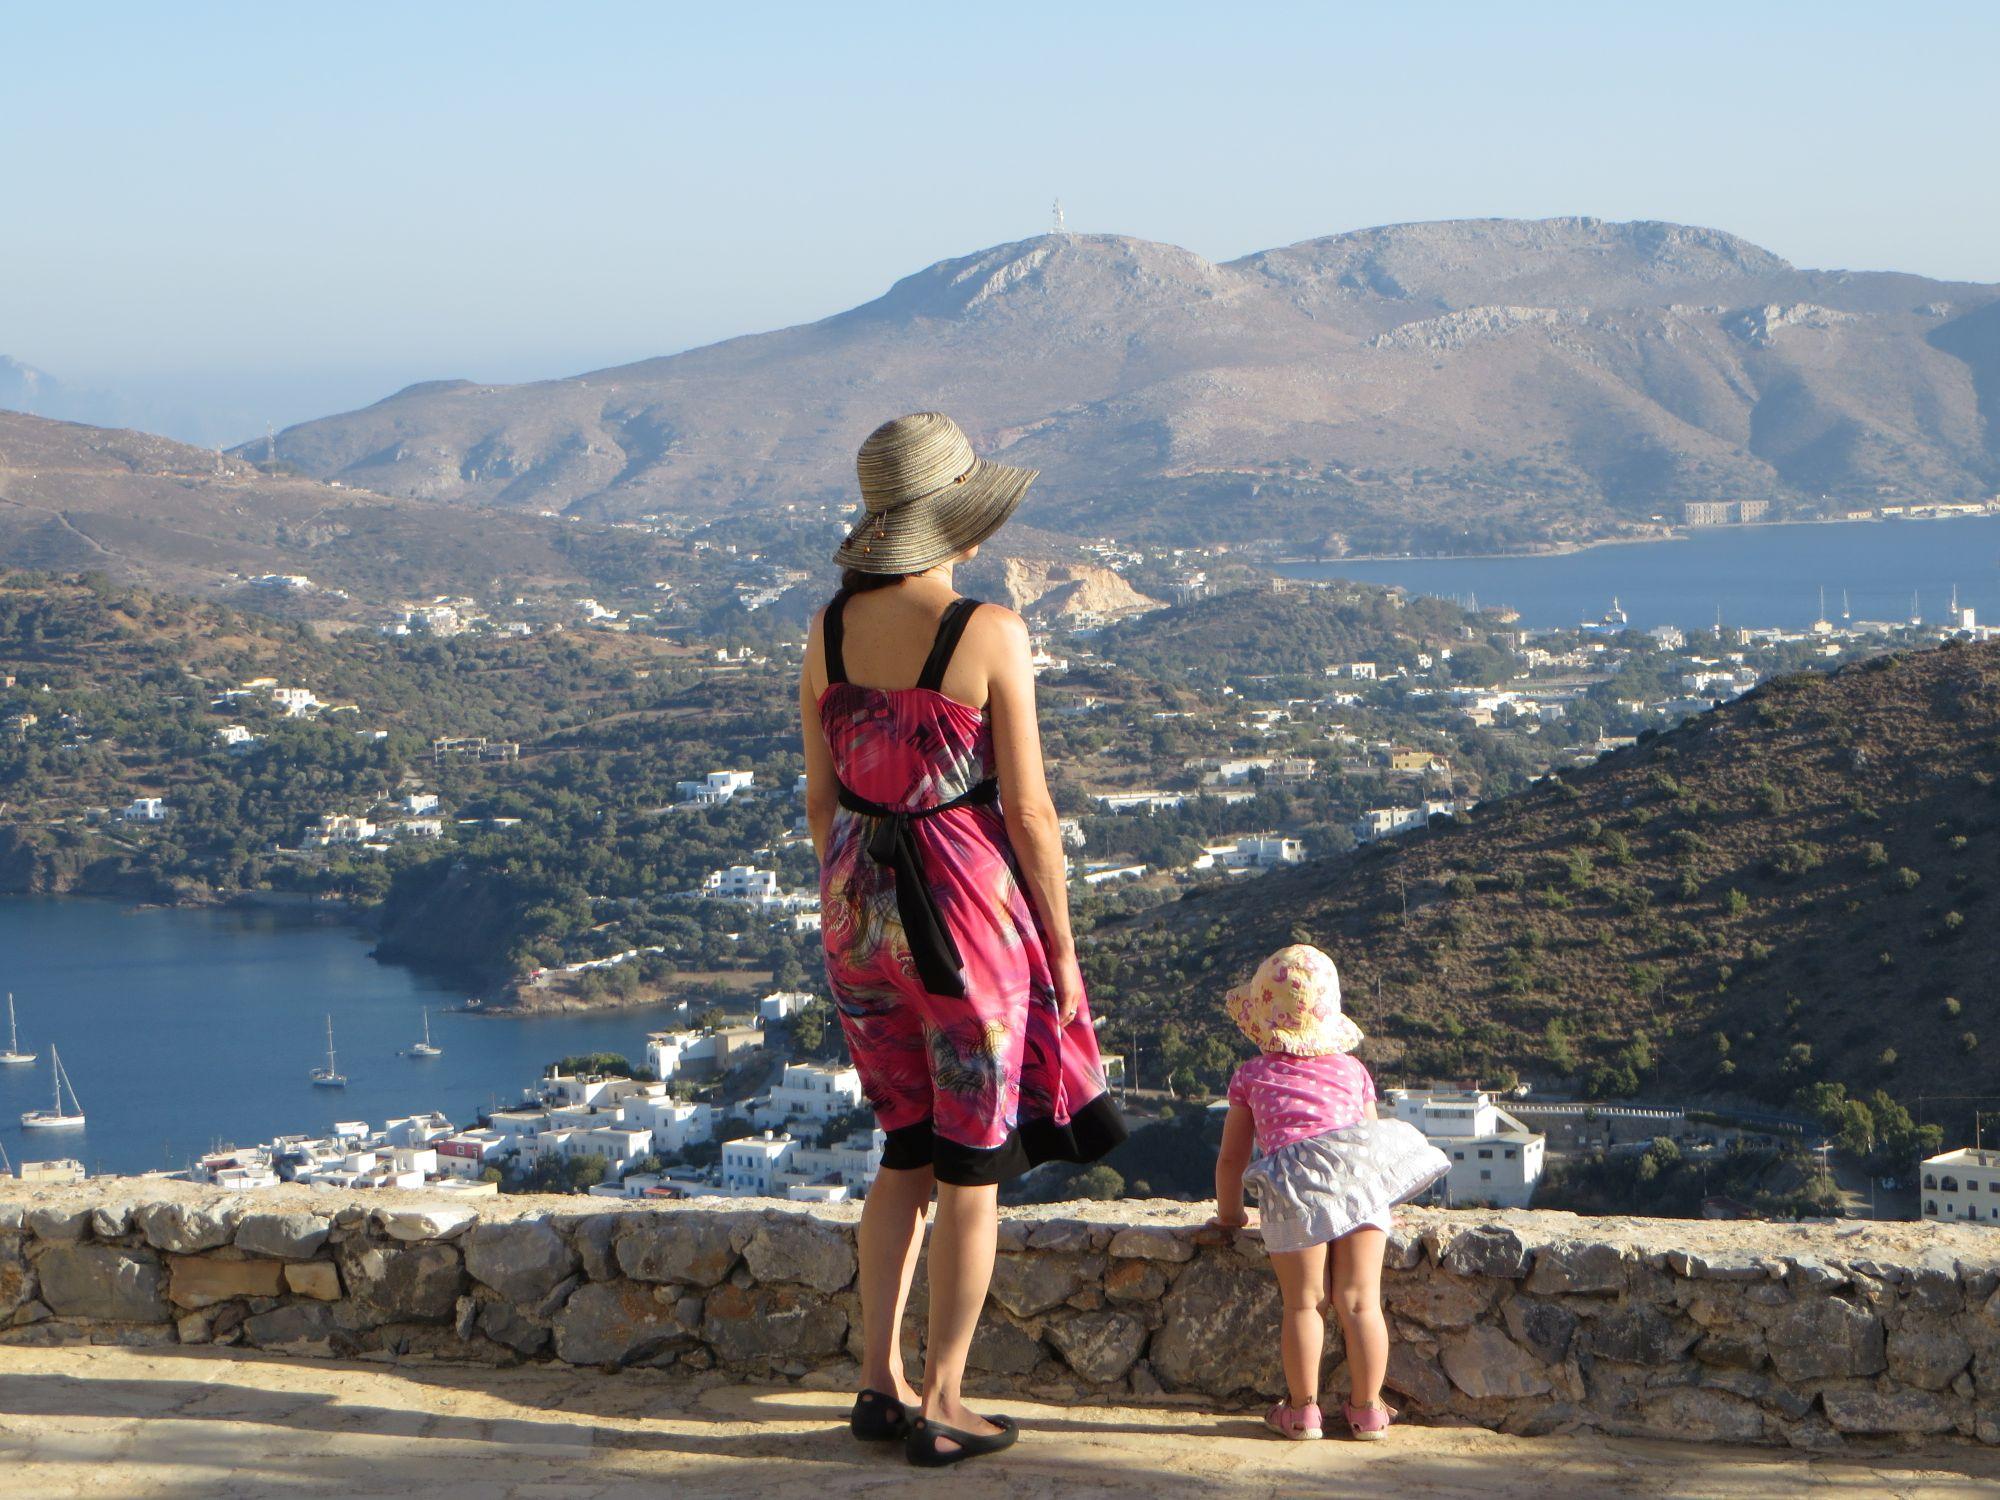 Vue de la baie d'Alinda, au sommet de la montagne du Kastro, sur l'île de Léros